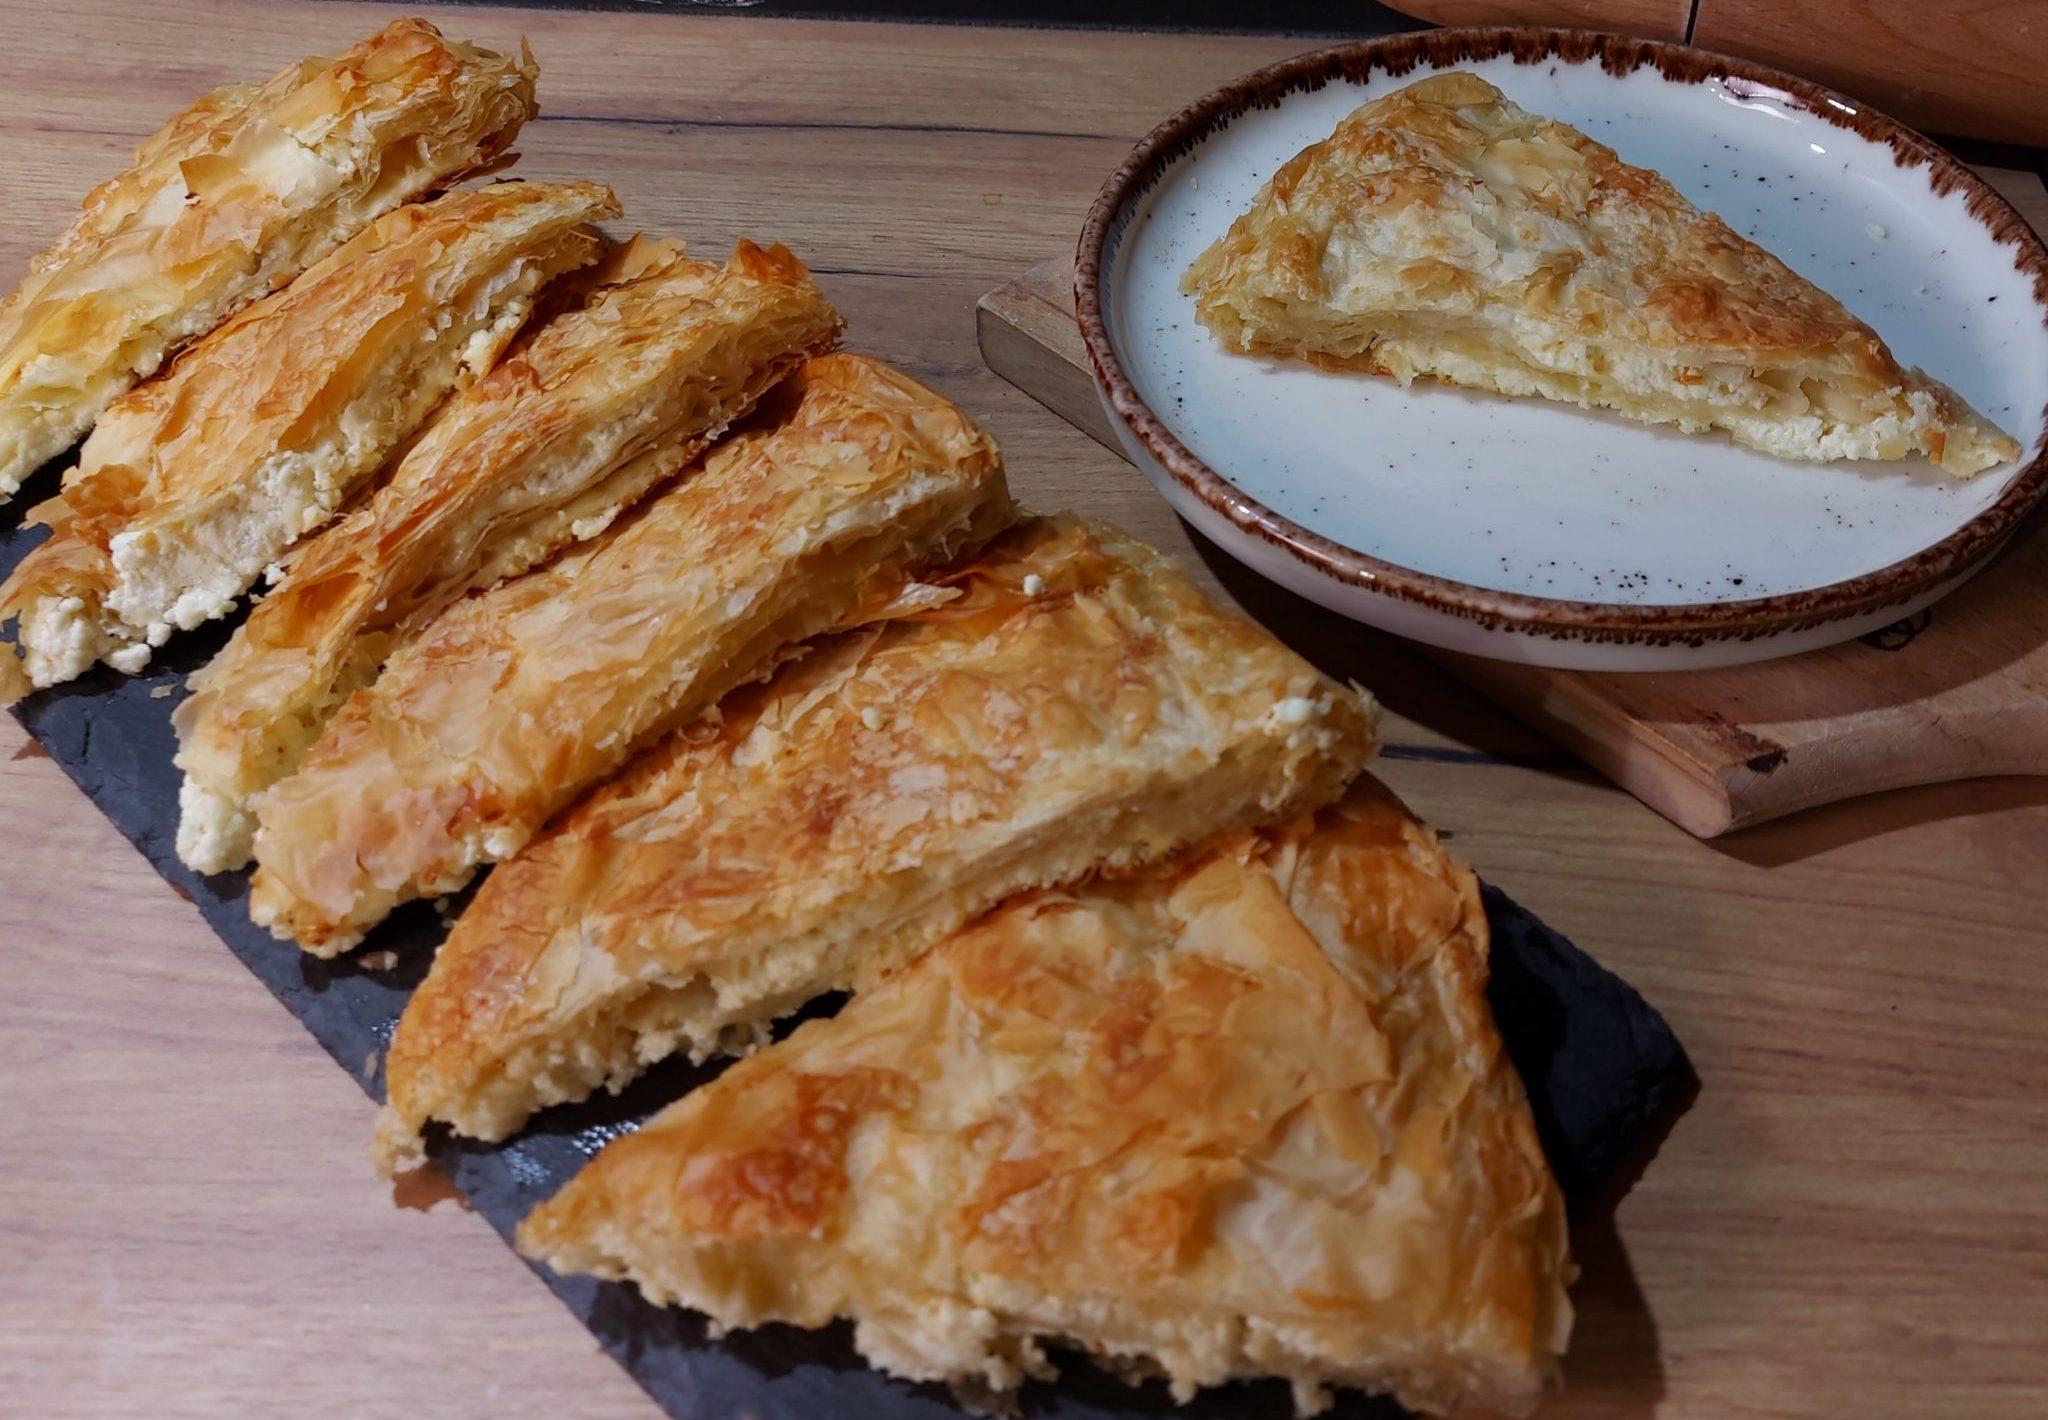 Τυρόπιτα με φύλλο κρούστας, σόδα & τυρί κρέμα. Ότι πιο λαχταριστό έχετε δοκιμάσει